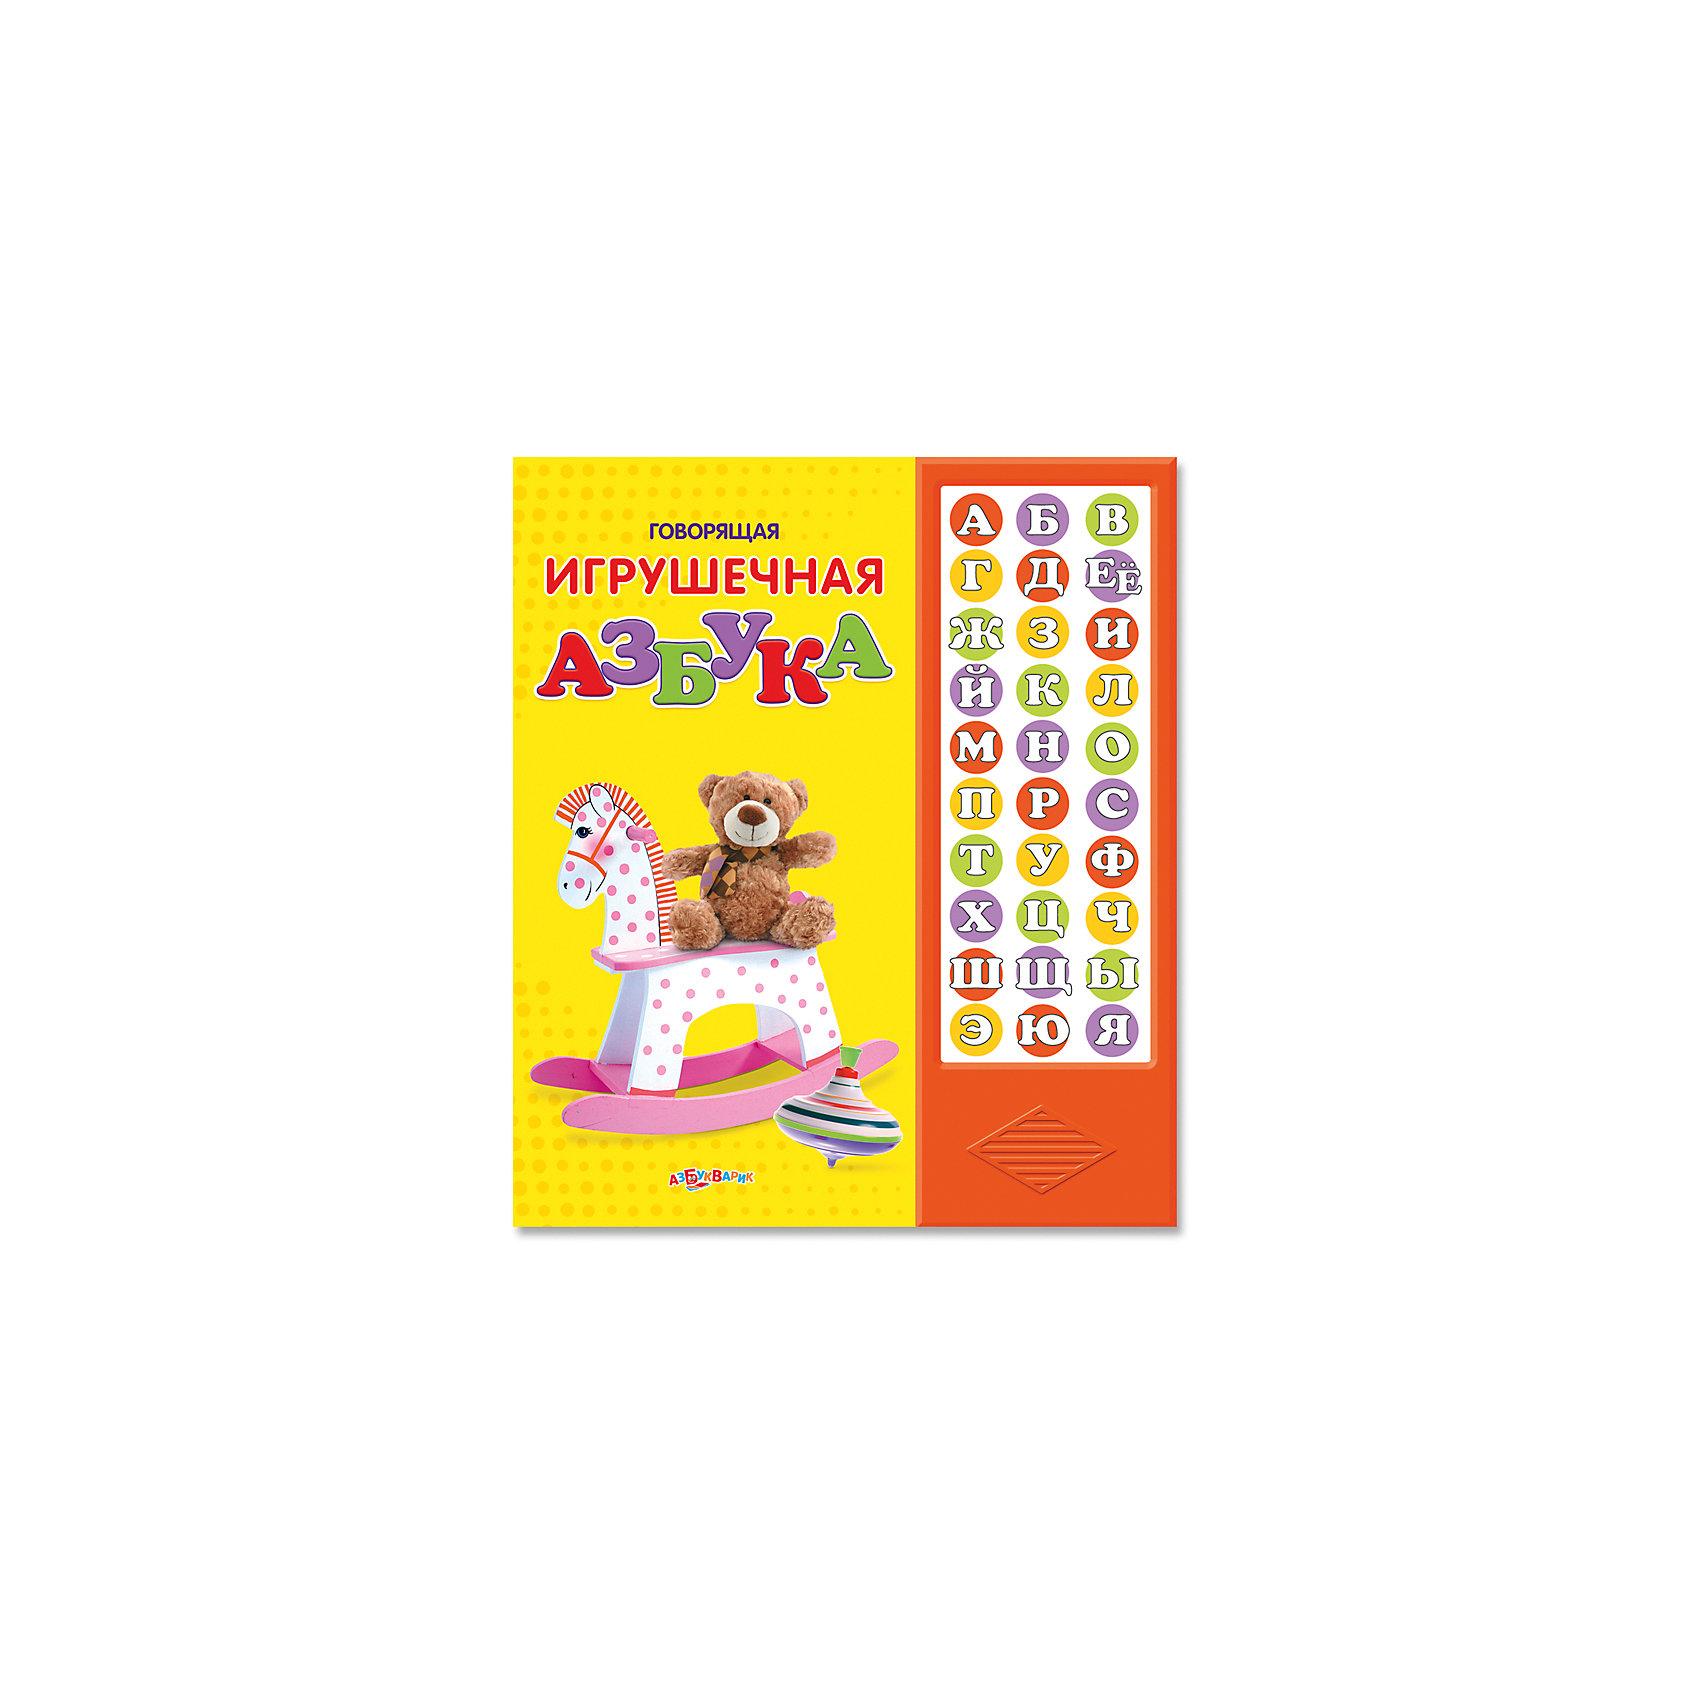 Азбукварик Говорящая игрушечная азбука (30 кнопок), Азбукварик азбукварик говорящая умная азбука